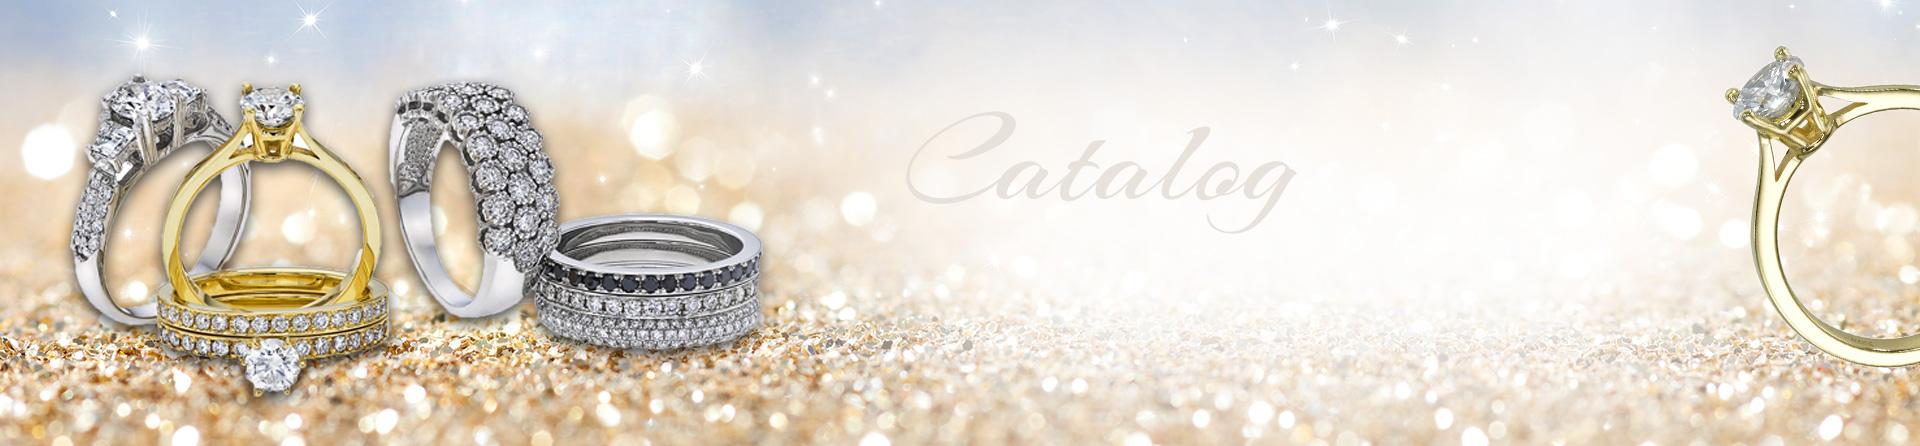 למצוא את הטבעת שמתאימה לכם